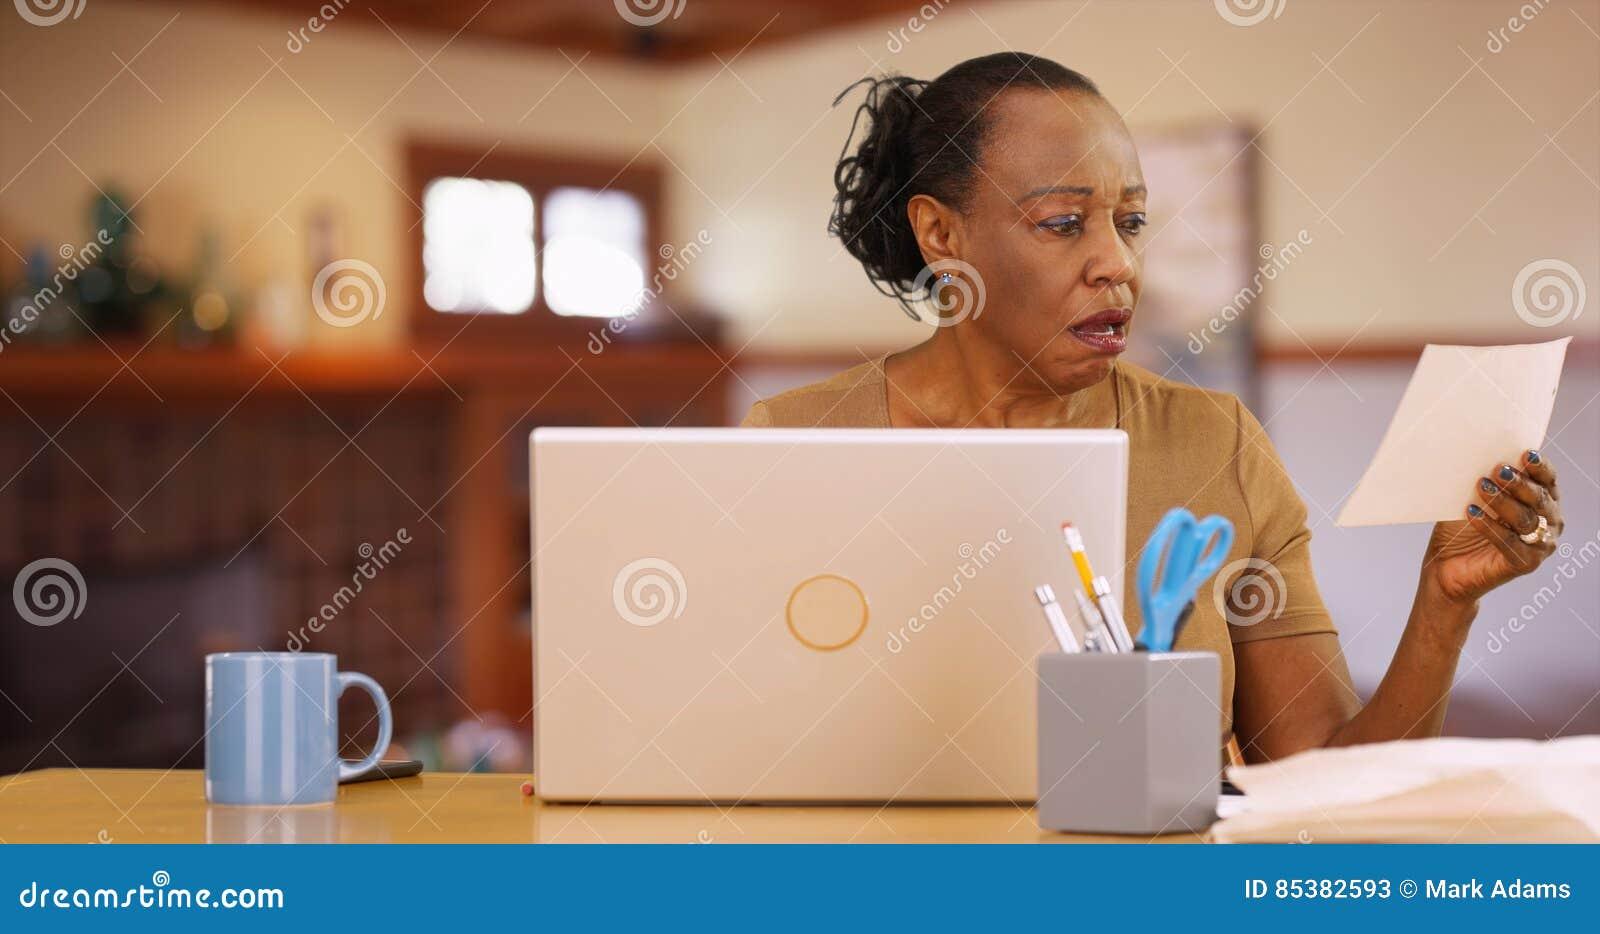 Μια παλαιότερη συνεδρίαση μαύρων γυναικών μπροστά από τον υπολογιστή που συγκλονίζεται από τις πληρωμές λογαριασμών